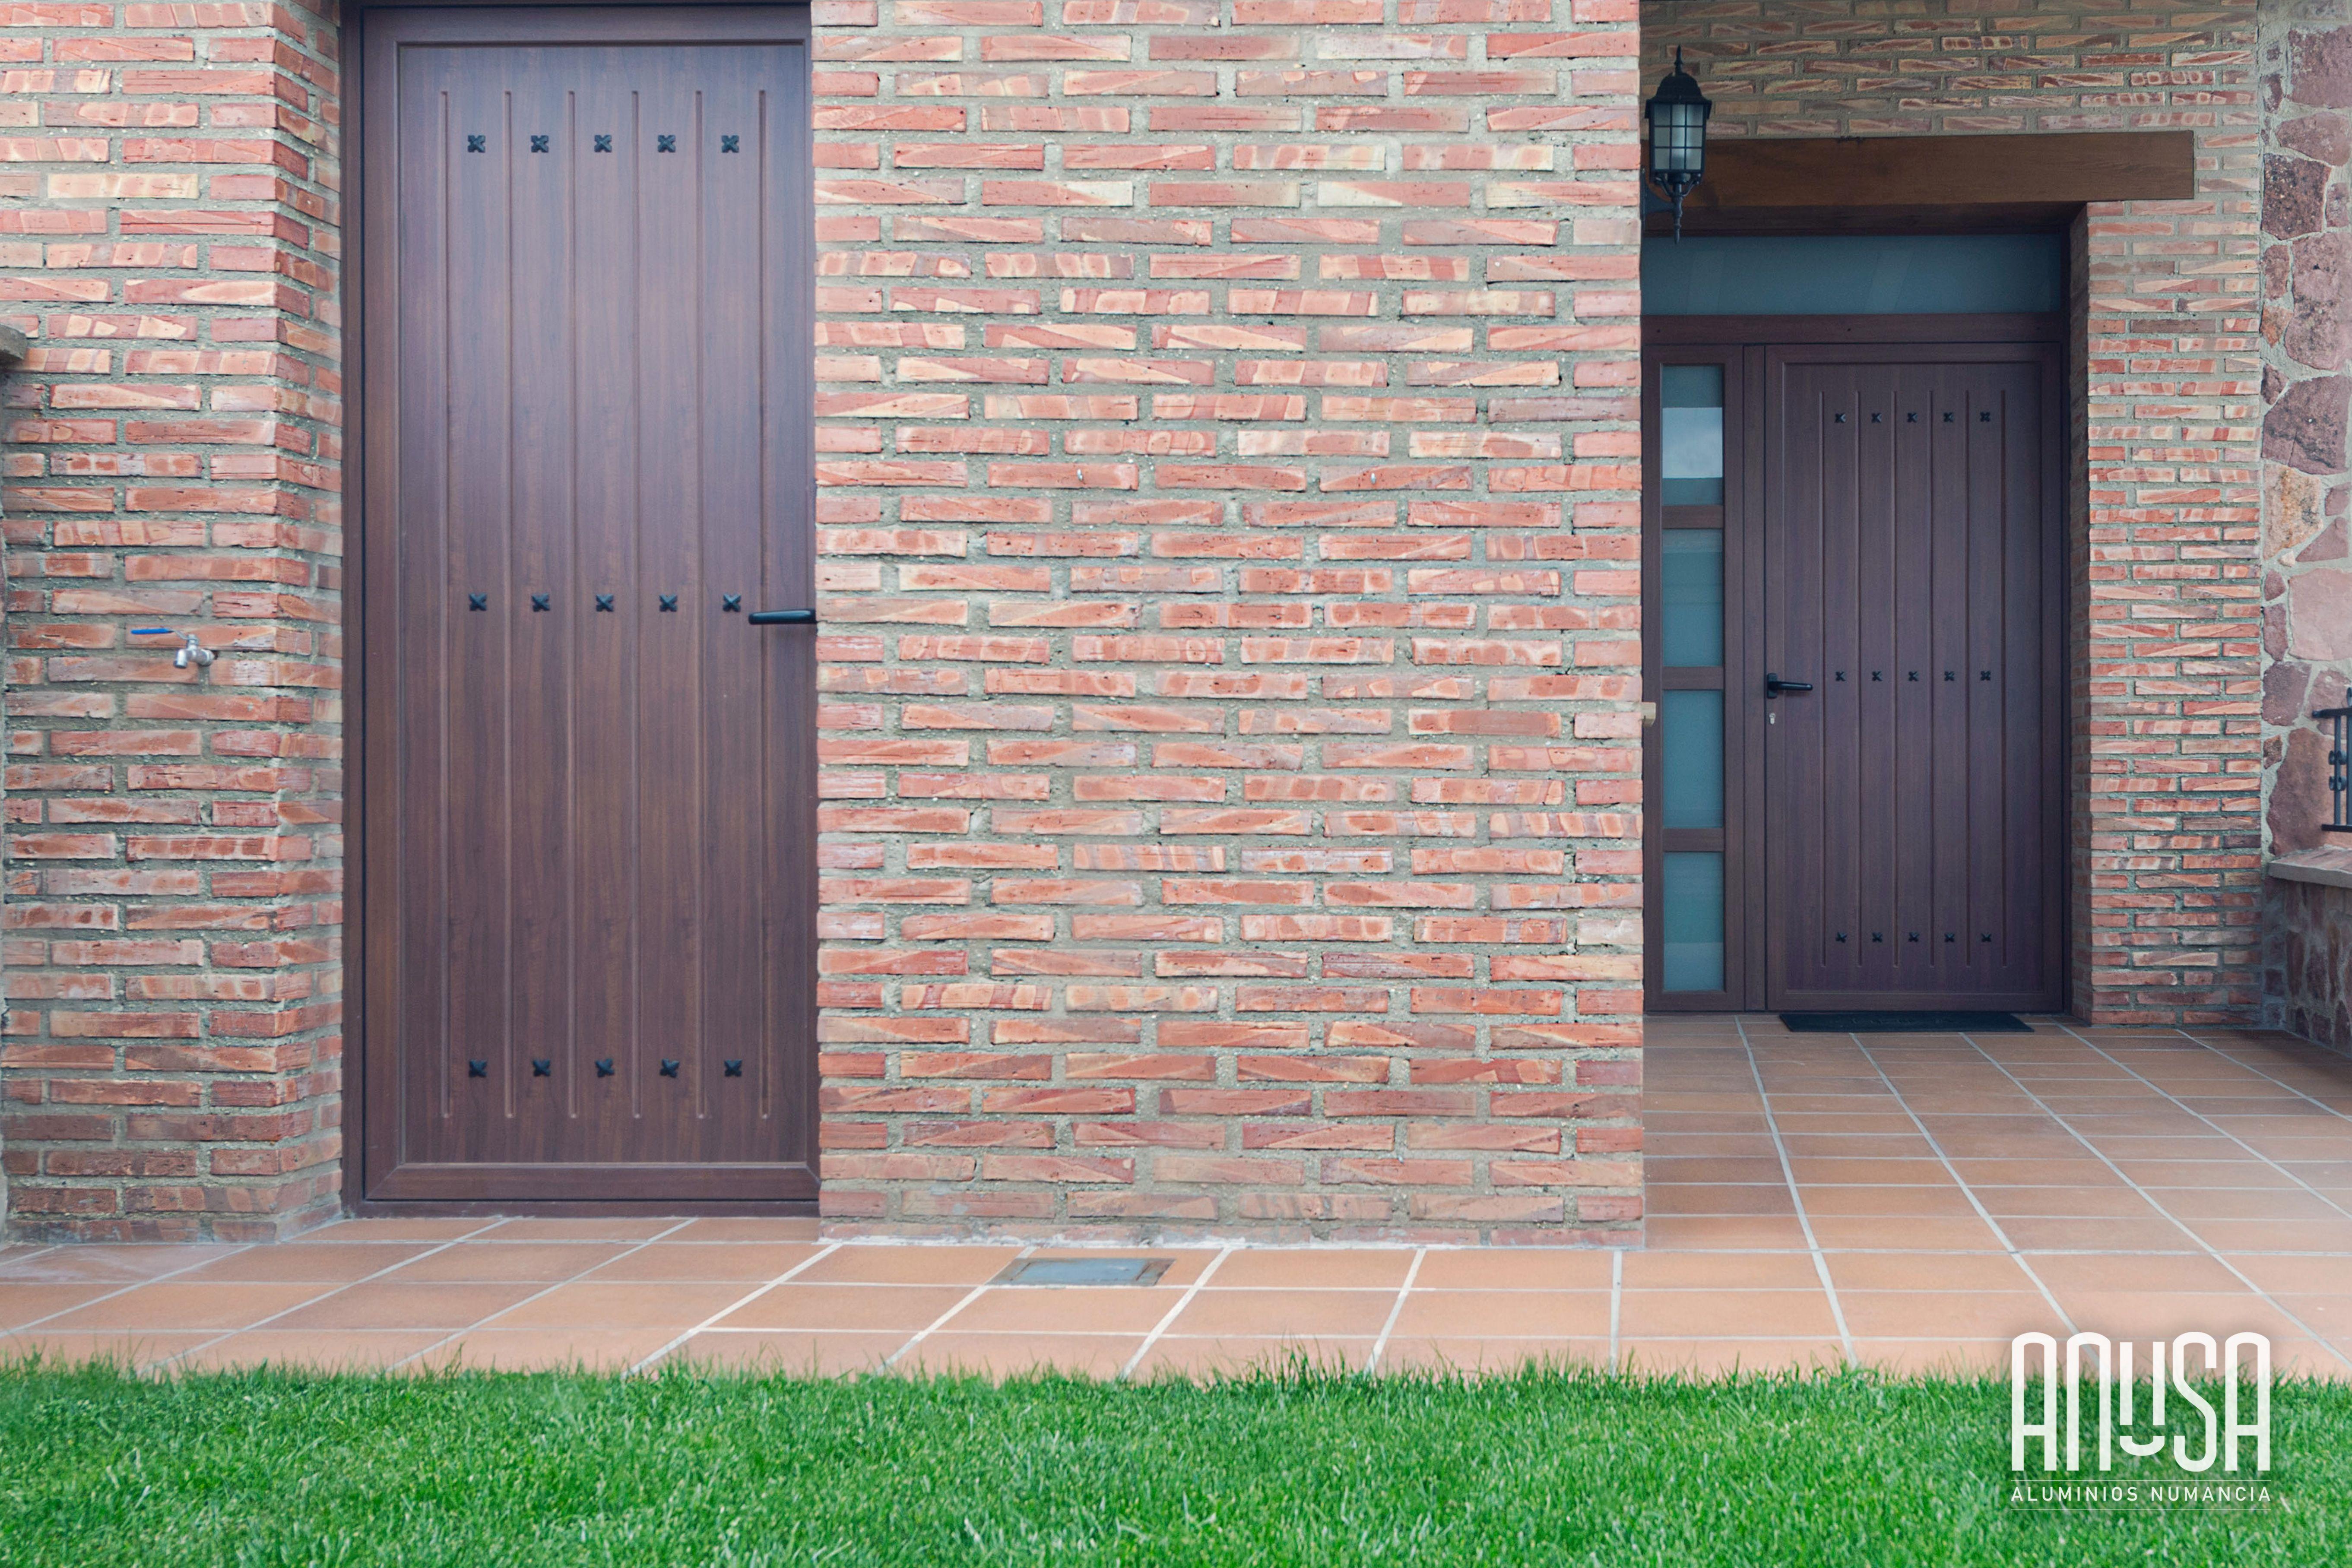 Instalaci n de puertas de aluminio en chal t imitaci n - Puertas de chalet ...